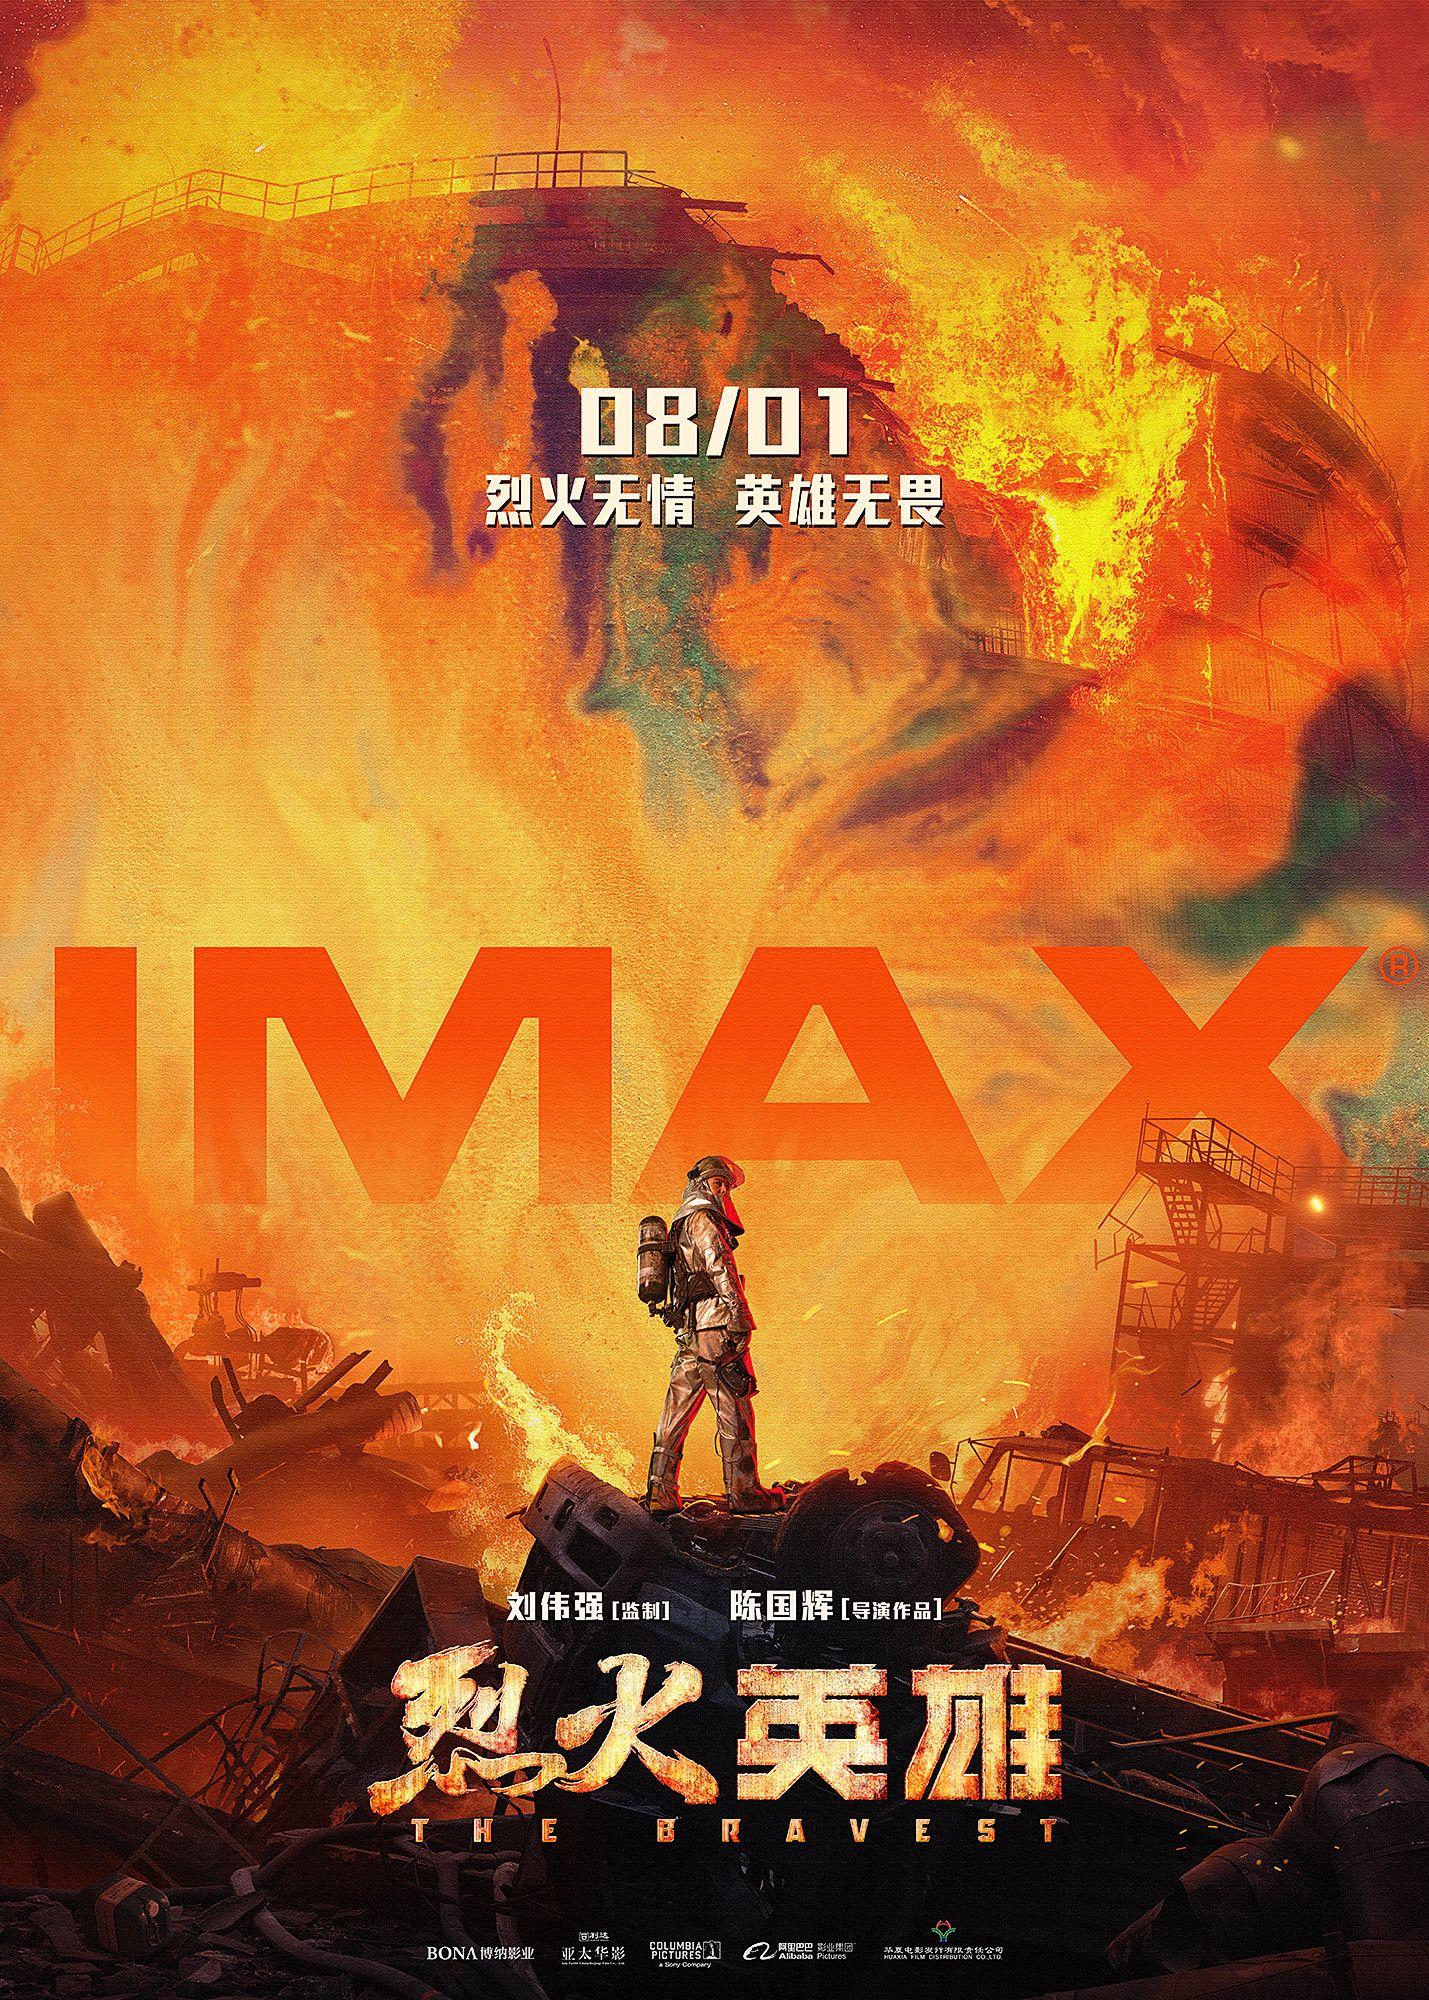 《烈火英雄》8月1日登陆中国IMAX影院,最强视效